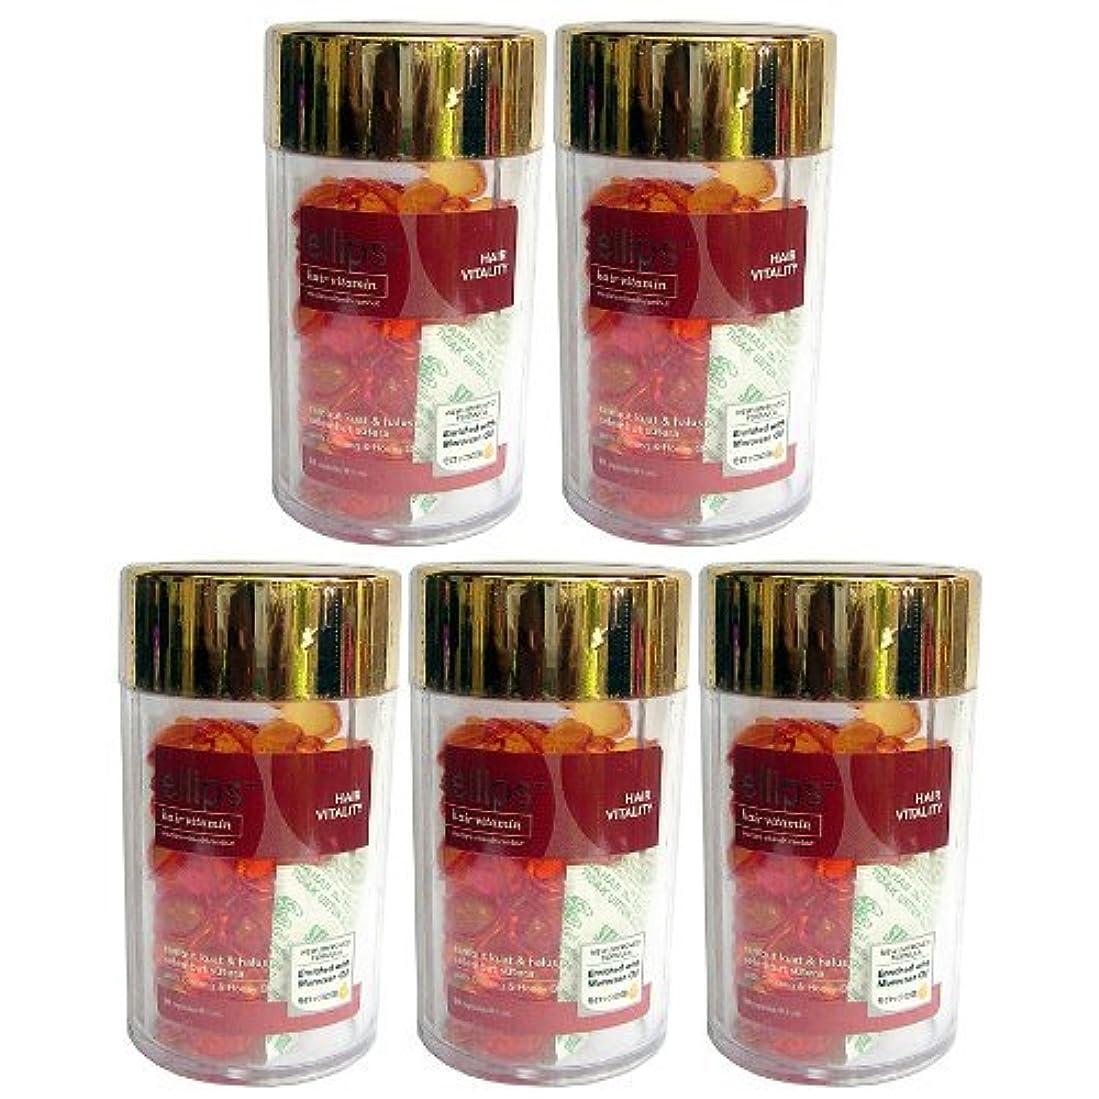 生む勝利した端末エリップスellipsヘアビタミン洗い流さないヘアトリートメント50粒入ボトル5本組(海外直送品)(並行輸入品) (オレンジ5本)